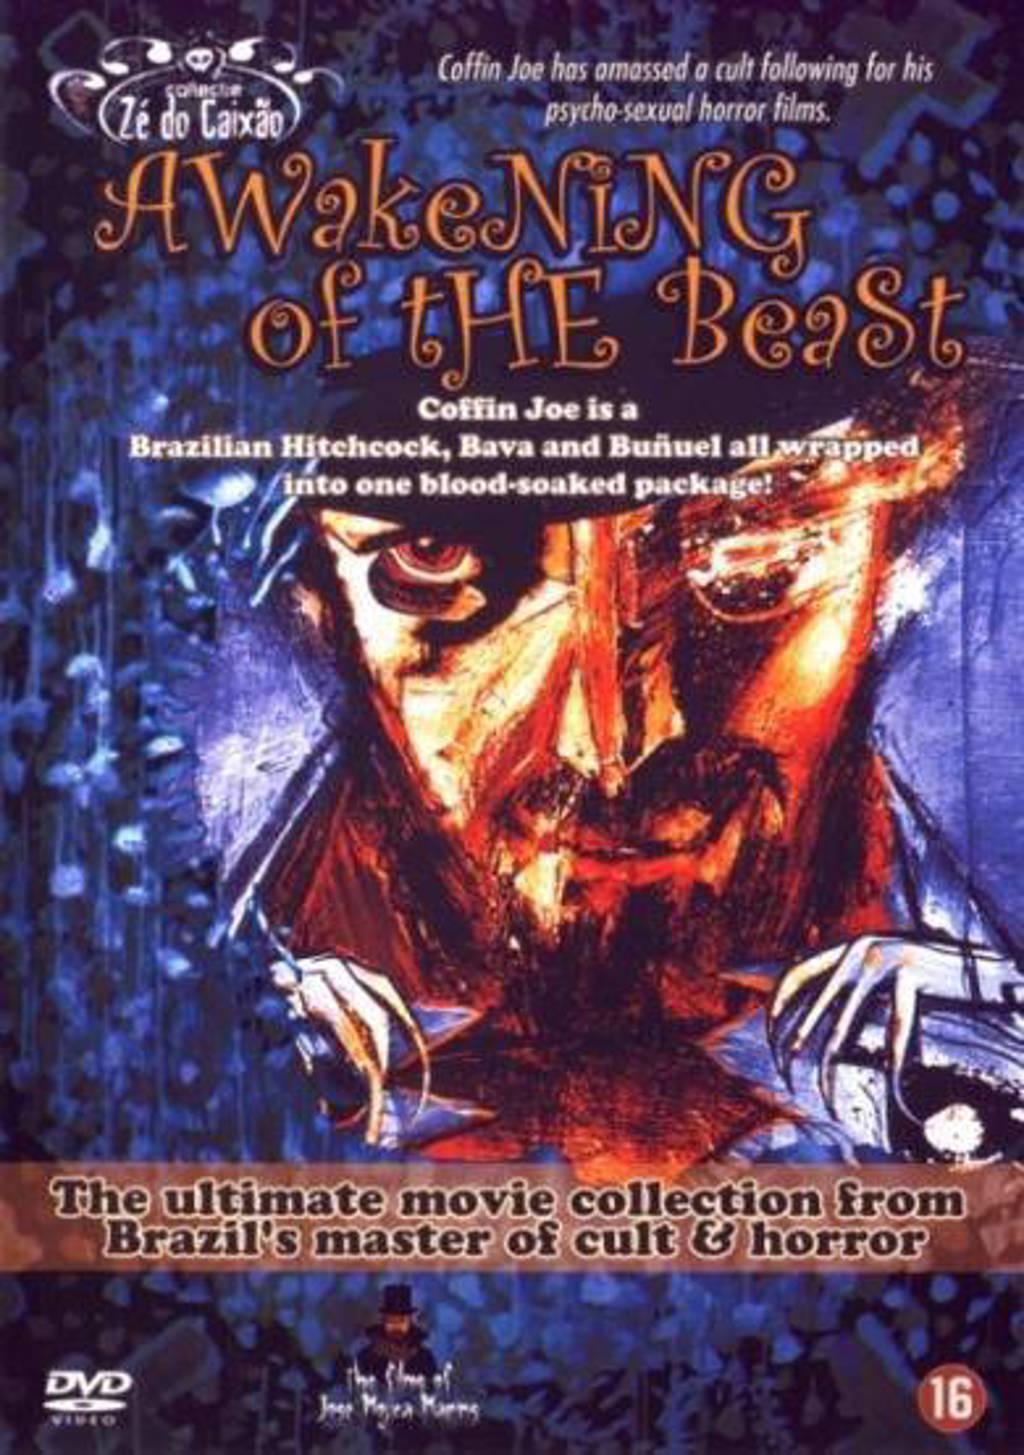 Awakening of the beast (DVD)